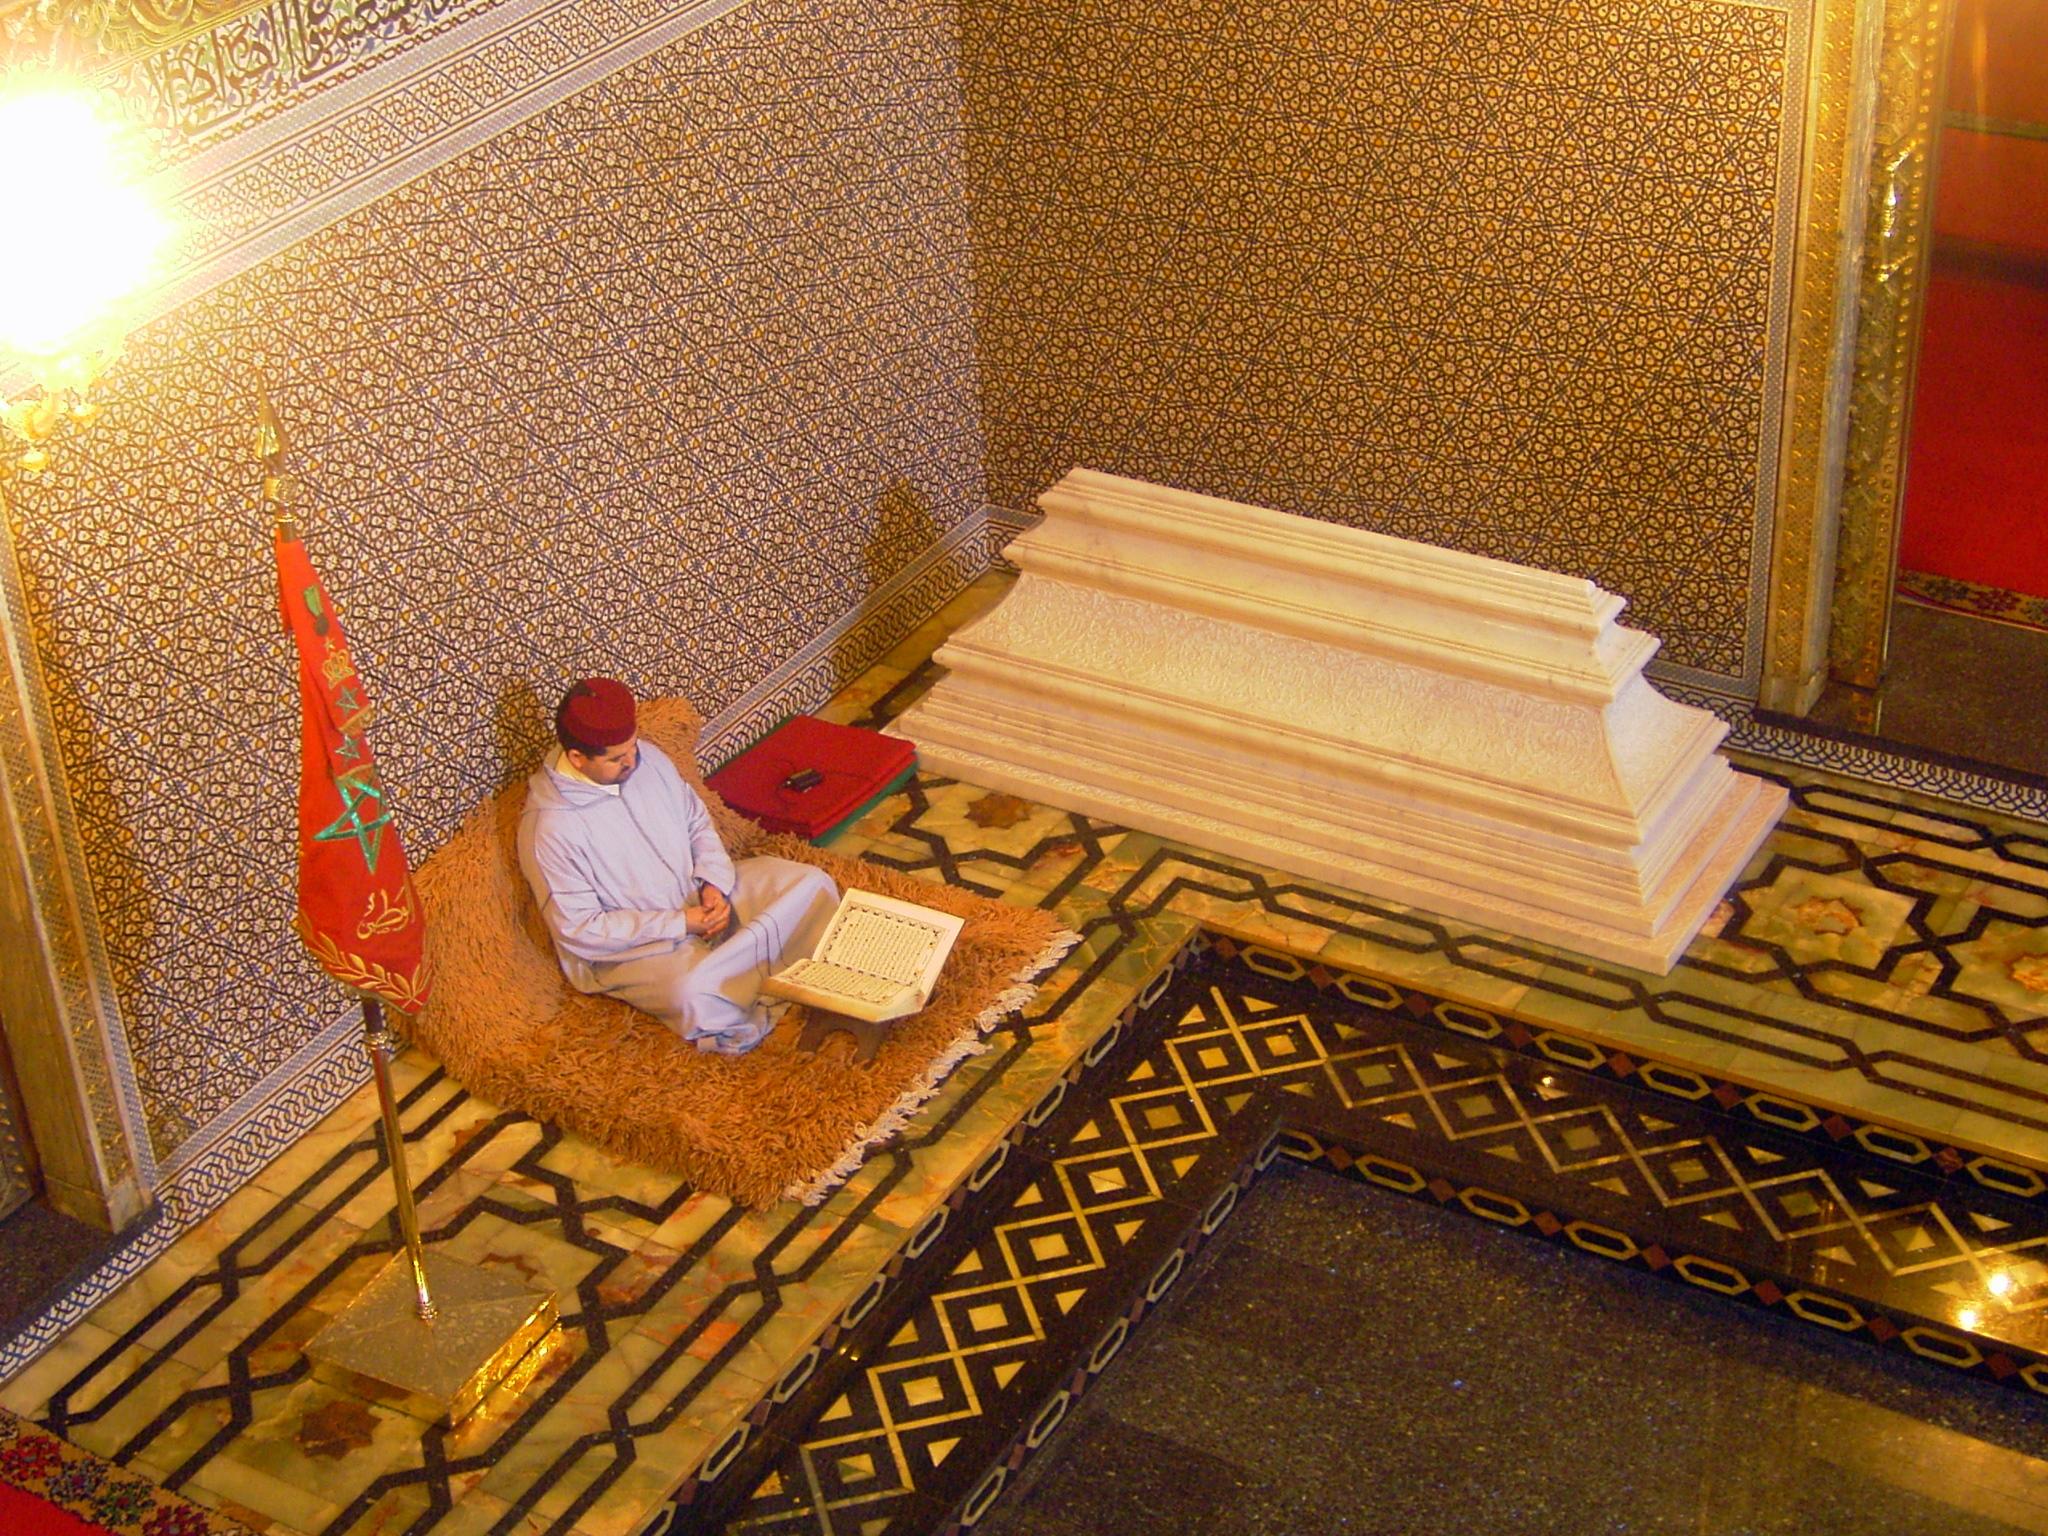 Fotos gratis madera piso frica habitaci n dise o de for Diseno interiores gratis